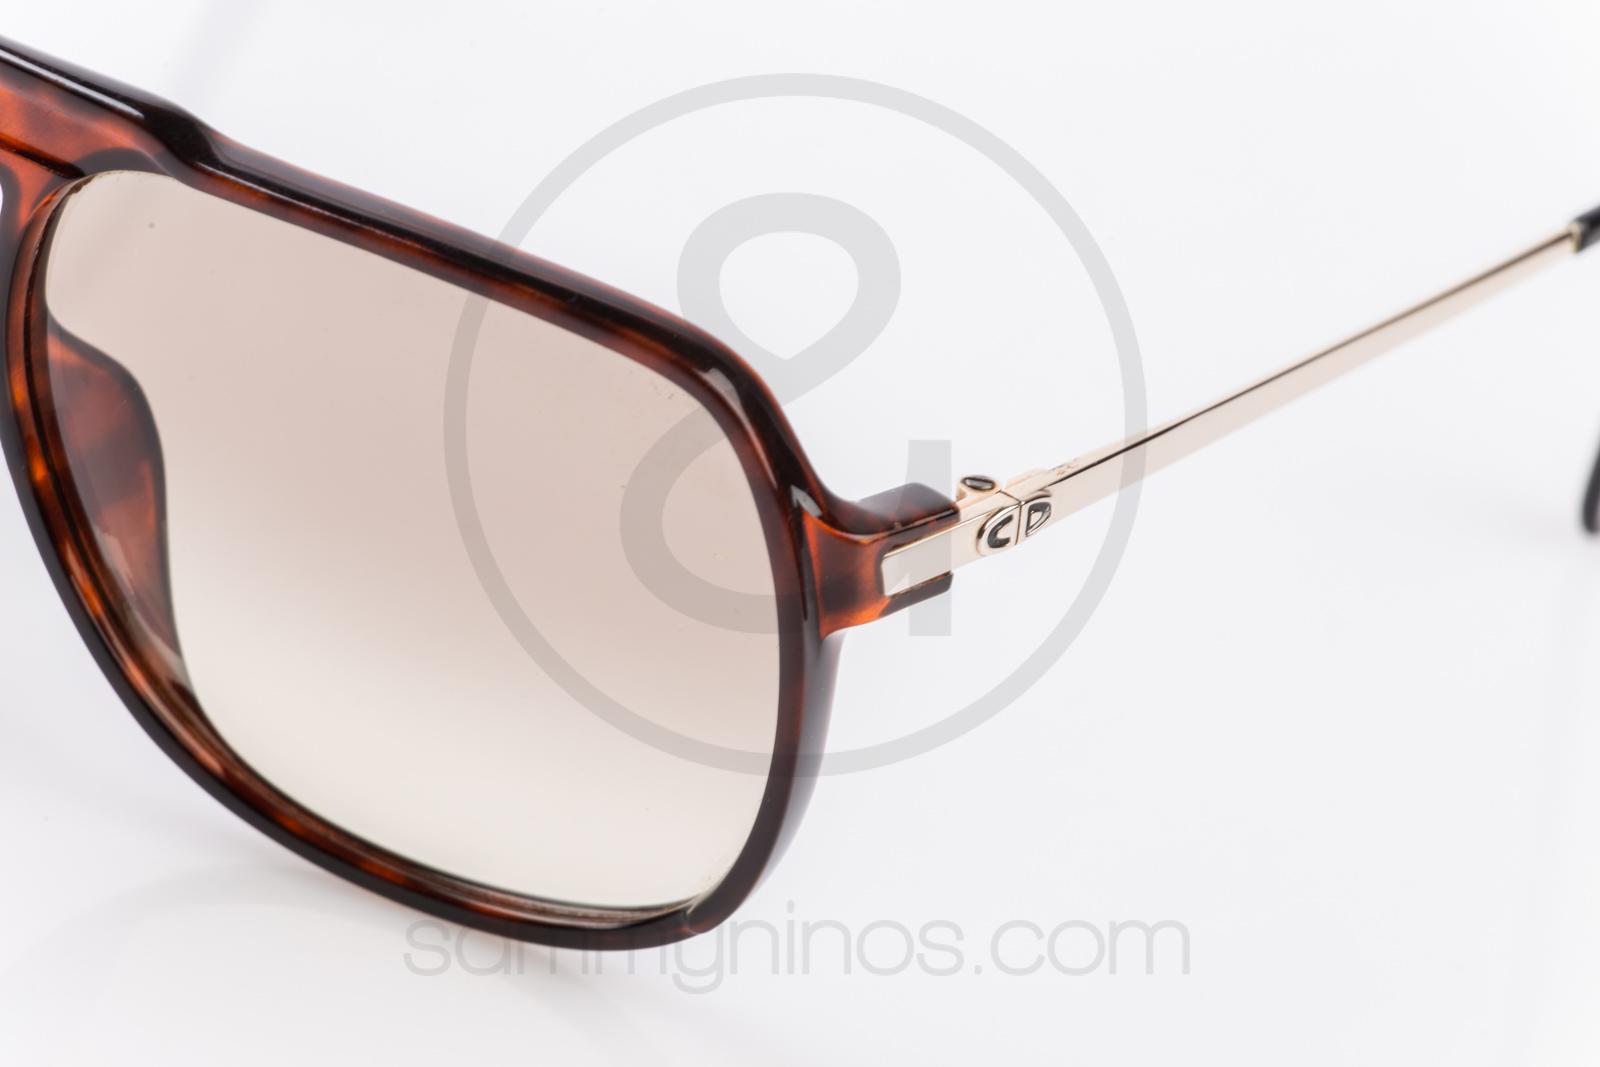 58e621ad673a Christian Dior Eyewear 2017